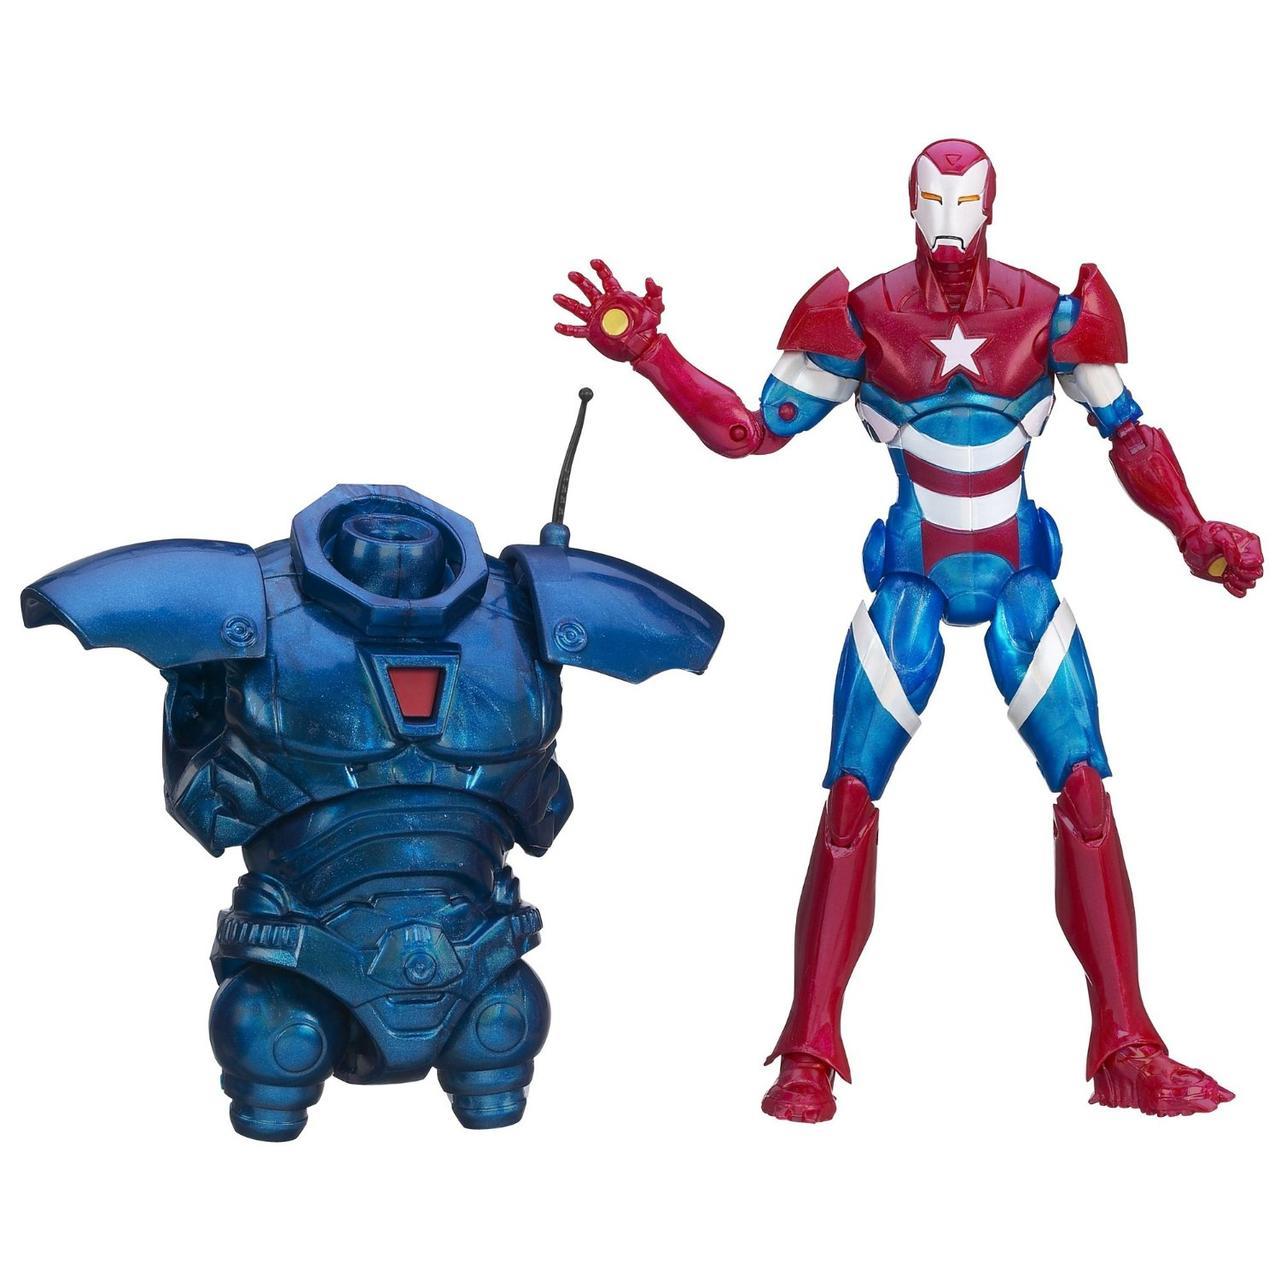 Фигурка Hasbro Железный Патриот с туловищем Железного Торговца, Легенды, 15 см - Iron Patriot, Marvel Legends